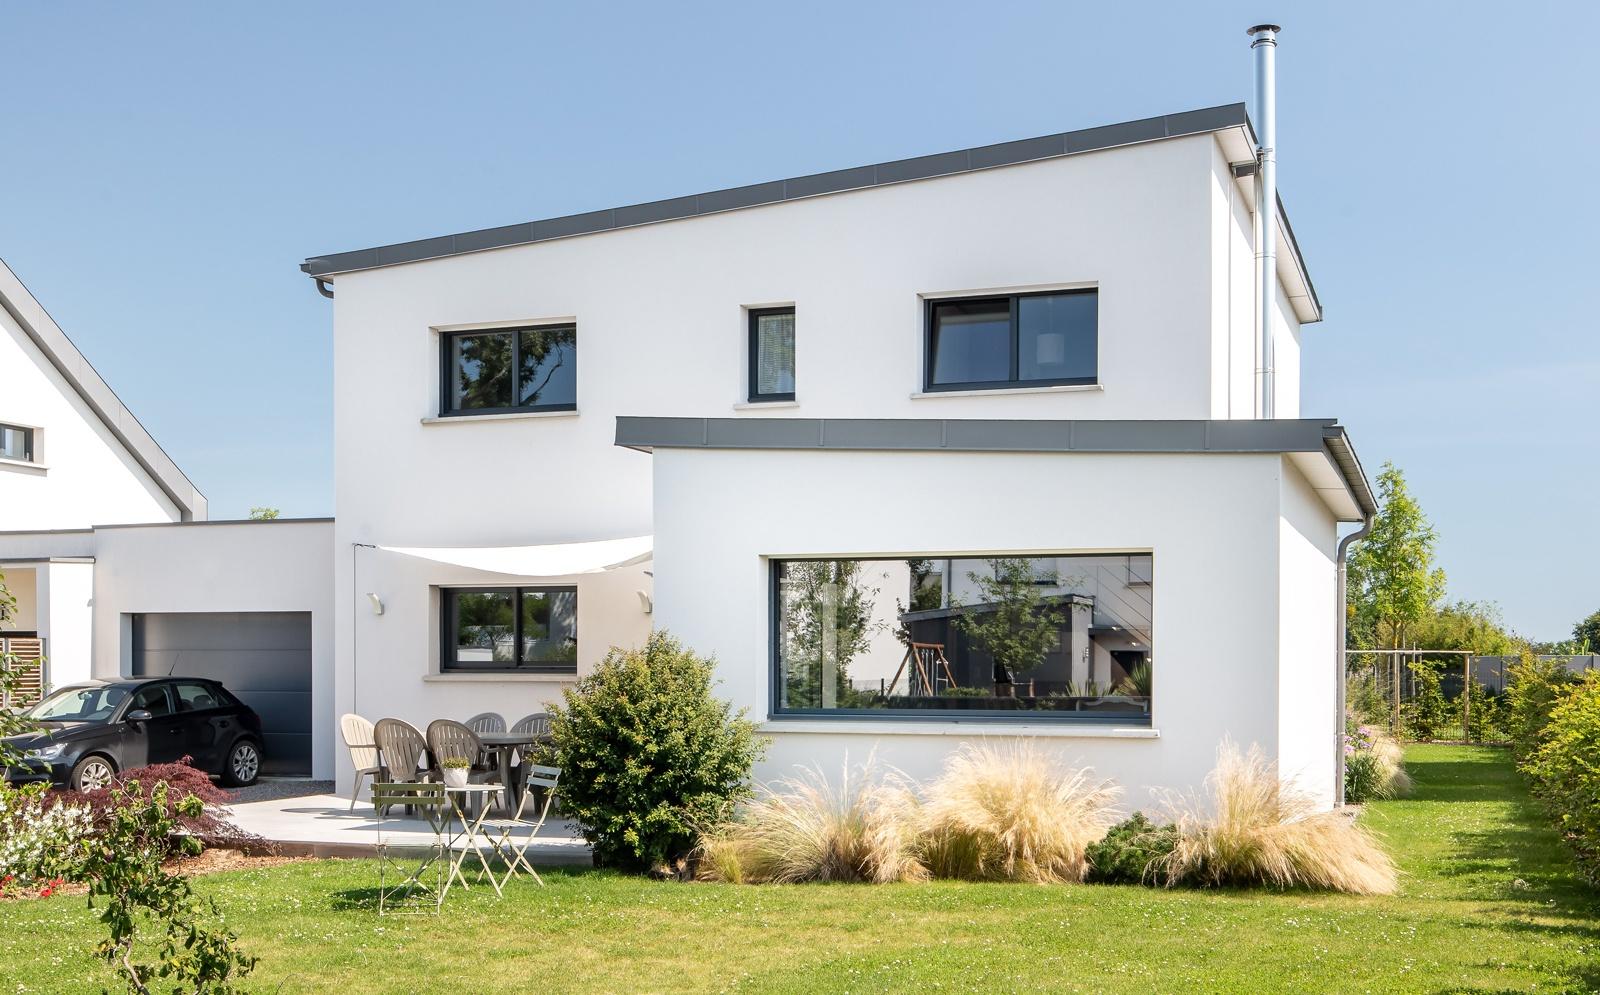 Maison sur-mesure avec toitures monopentes zinc